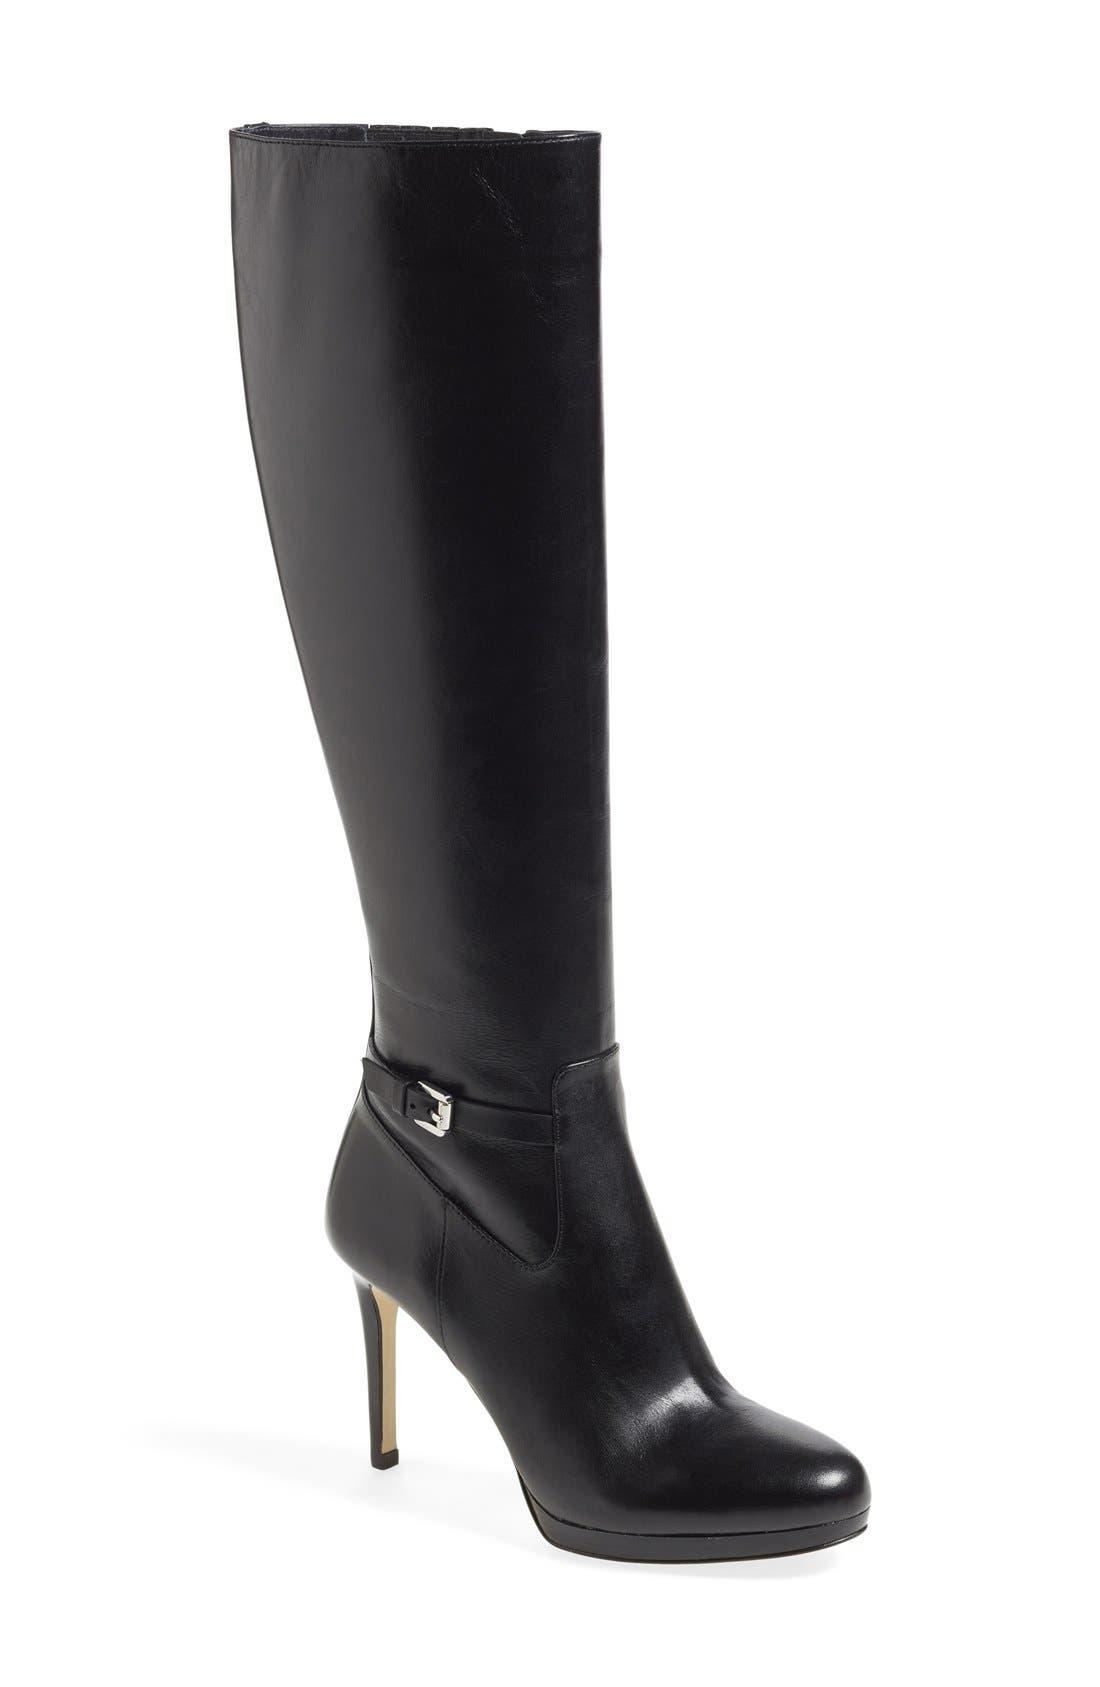 Main Image - MICHAEL Michael Kors 'Woods' Knee High Platform Boot (Women) (Nordstrom Exclusive)